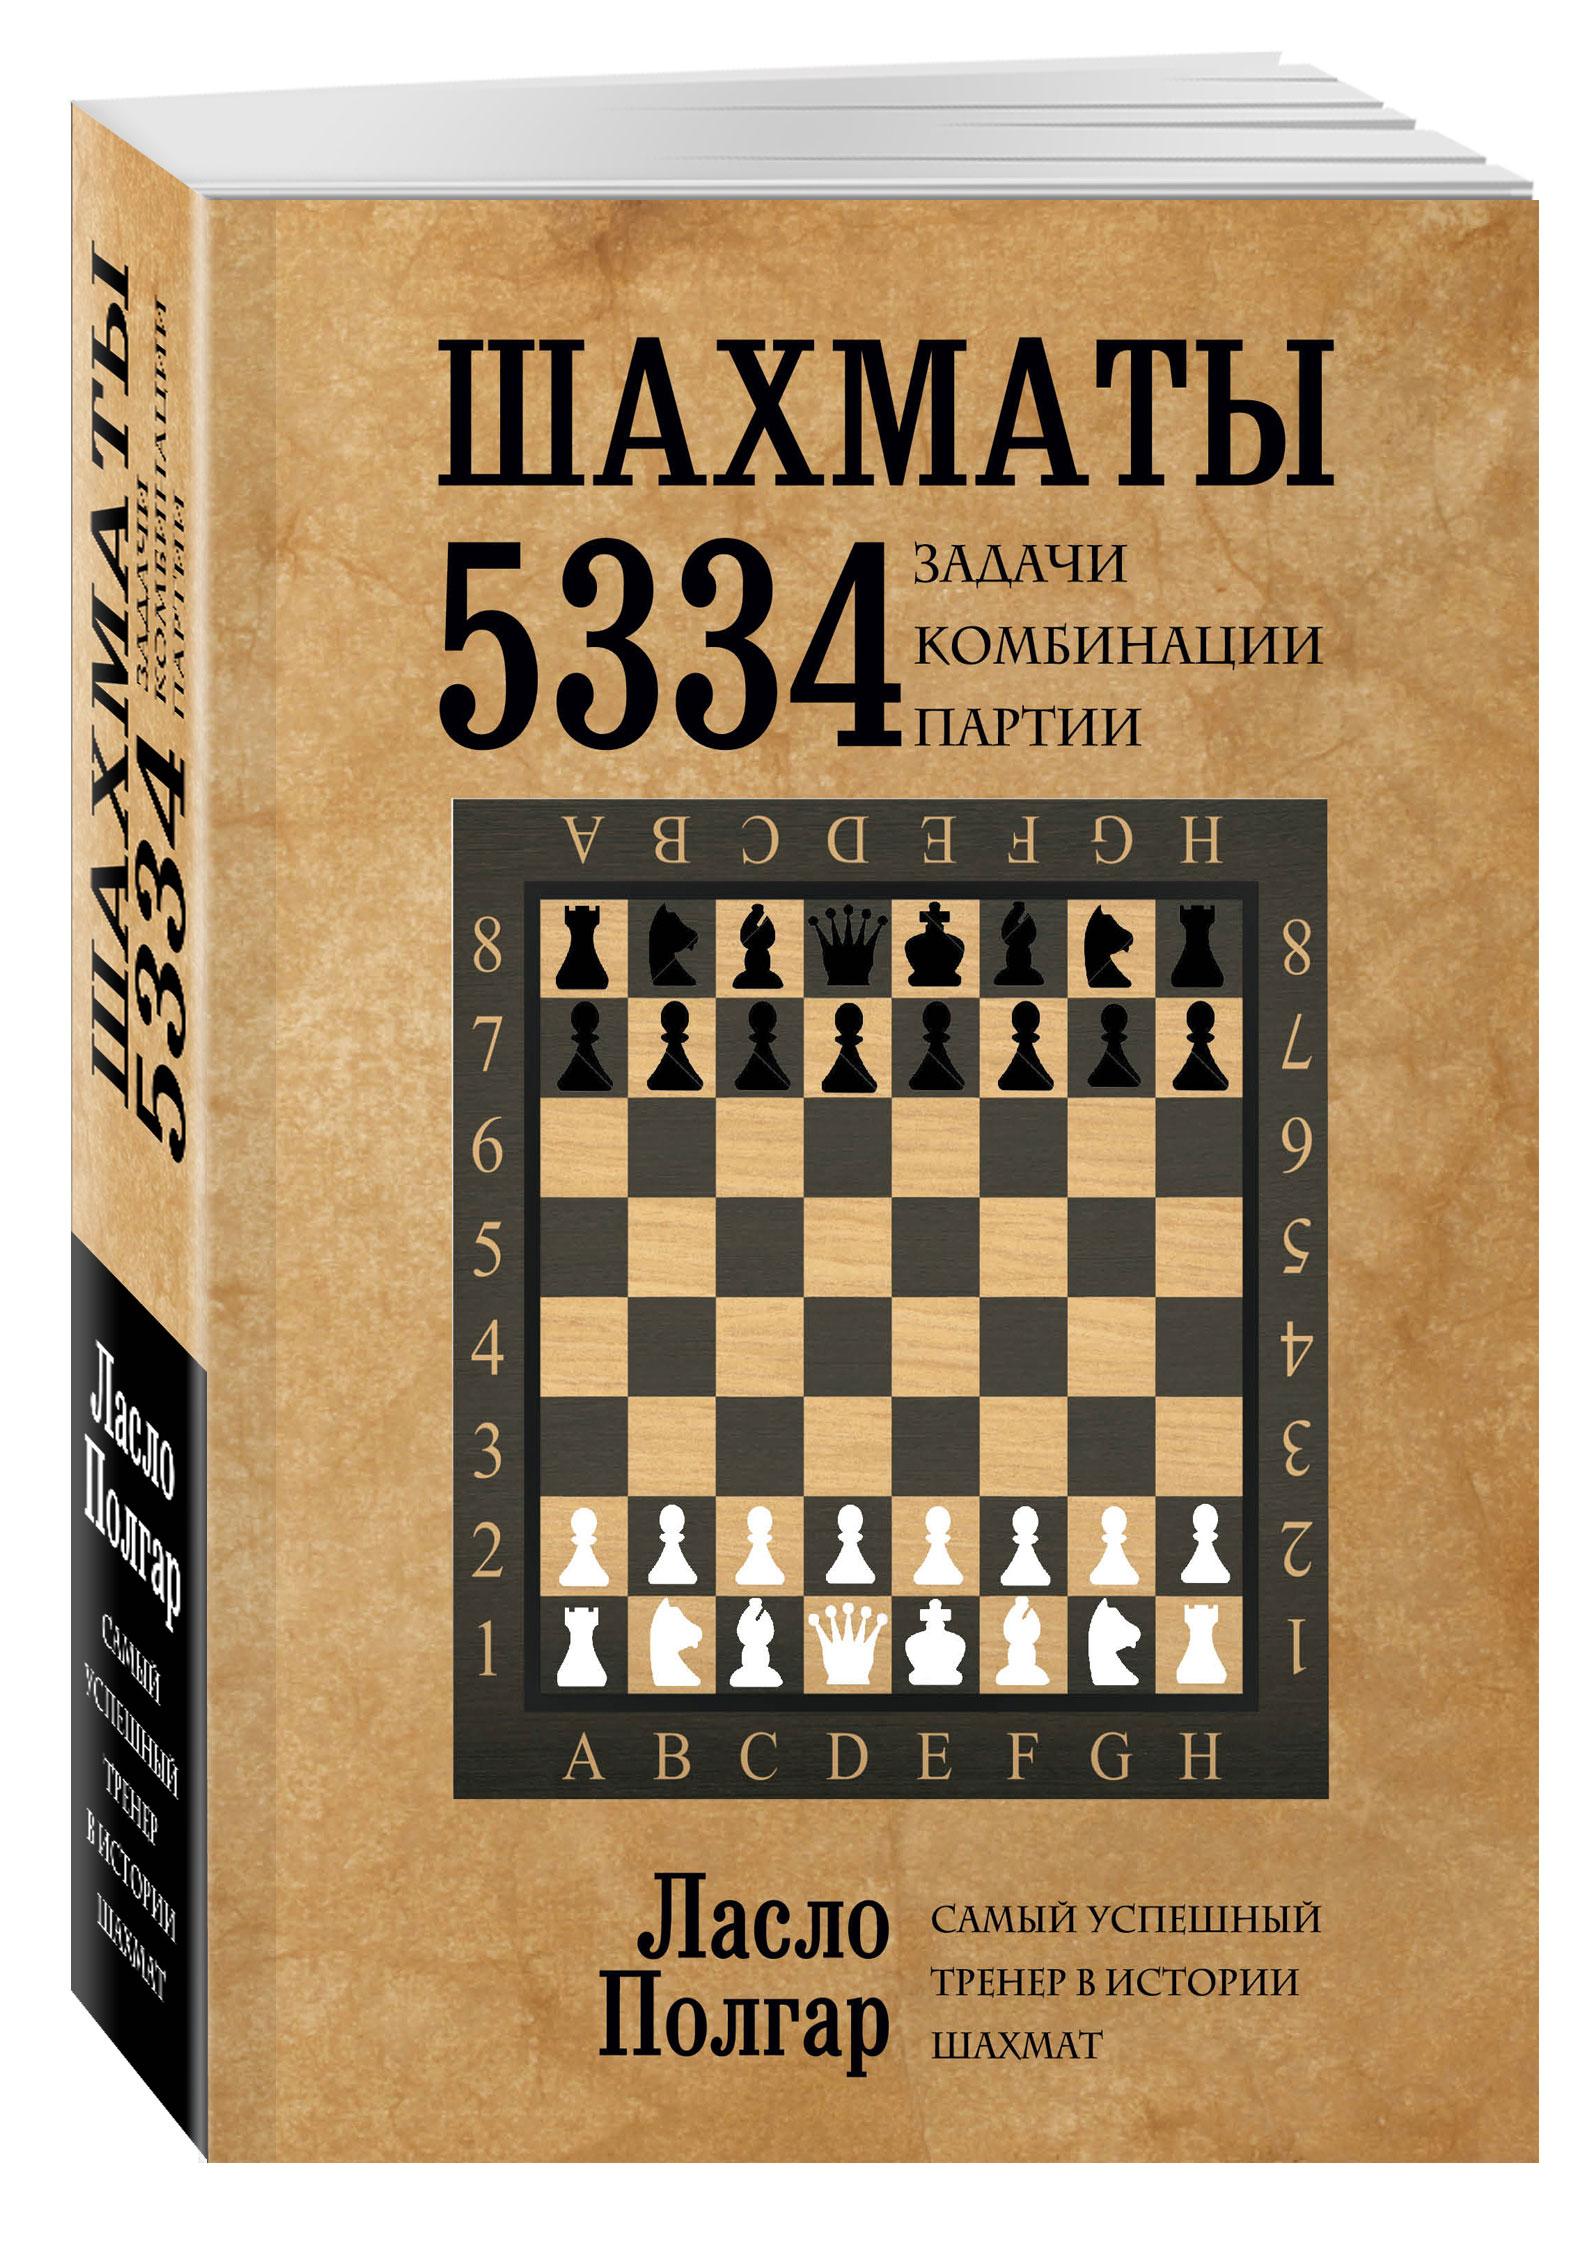 Шахматы. 5334 задачи, комбинации и партии от book24.ru